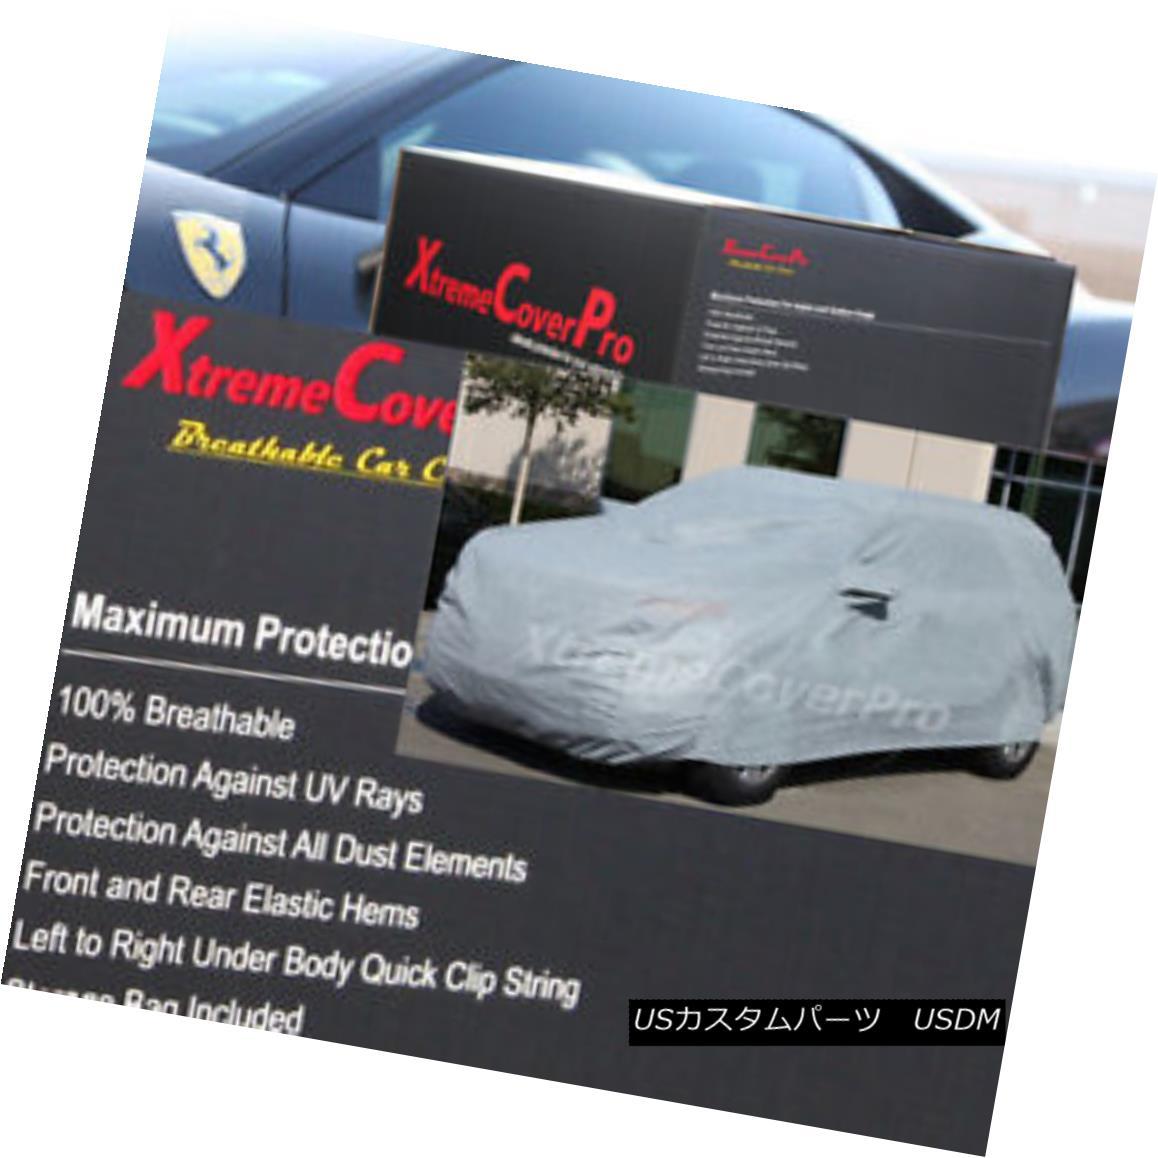 カーカバー 2006 2007 2008 2009 GMC Envoy SWB Breathable Car Cover w/MirrorPocket 2006年2007年2008年2009年GMCエンボイSWB通気性車カバー付きMirrorPocket